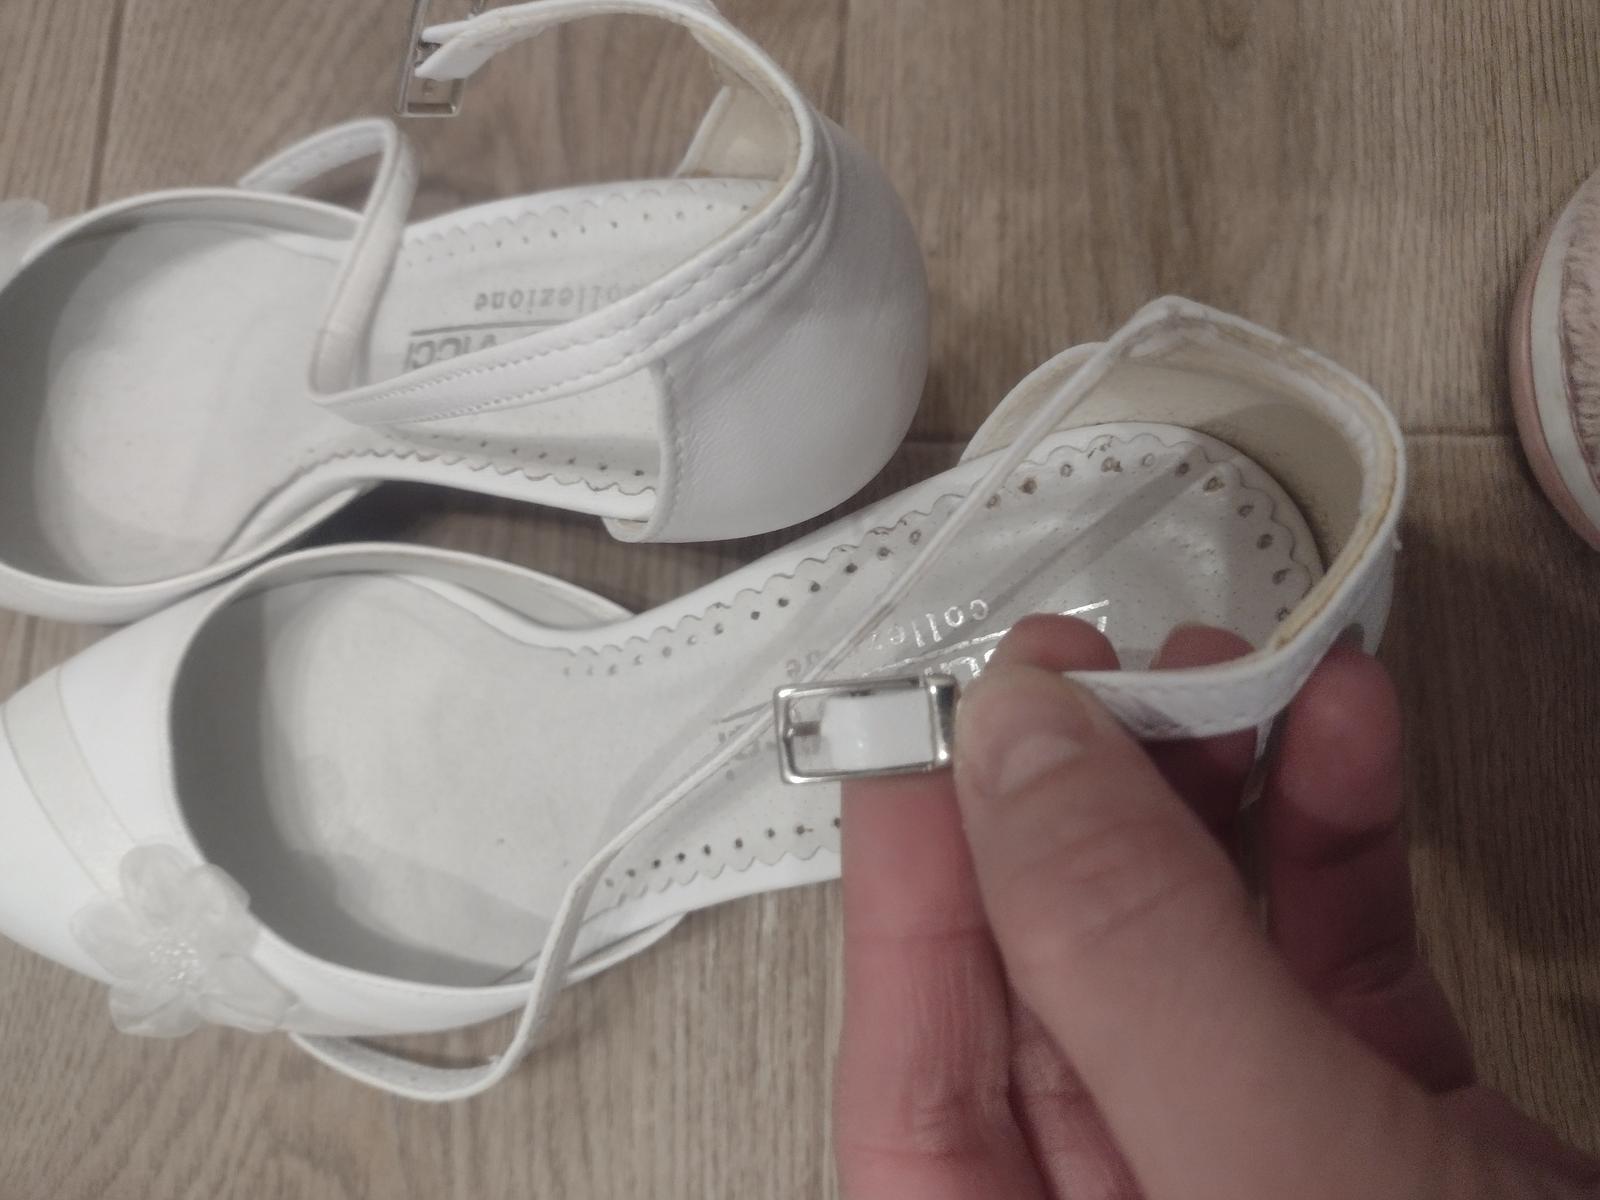 Biele topánky - Obrázok č. 2